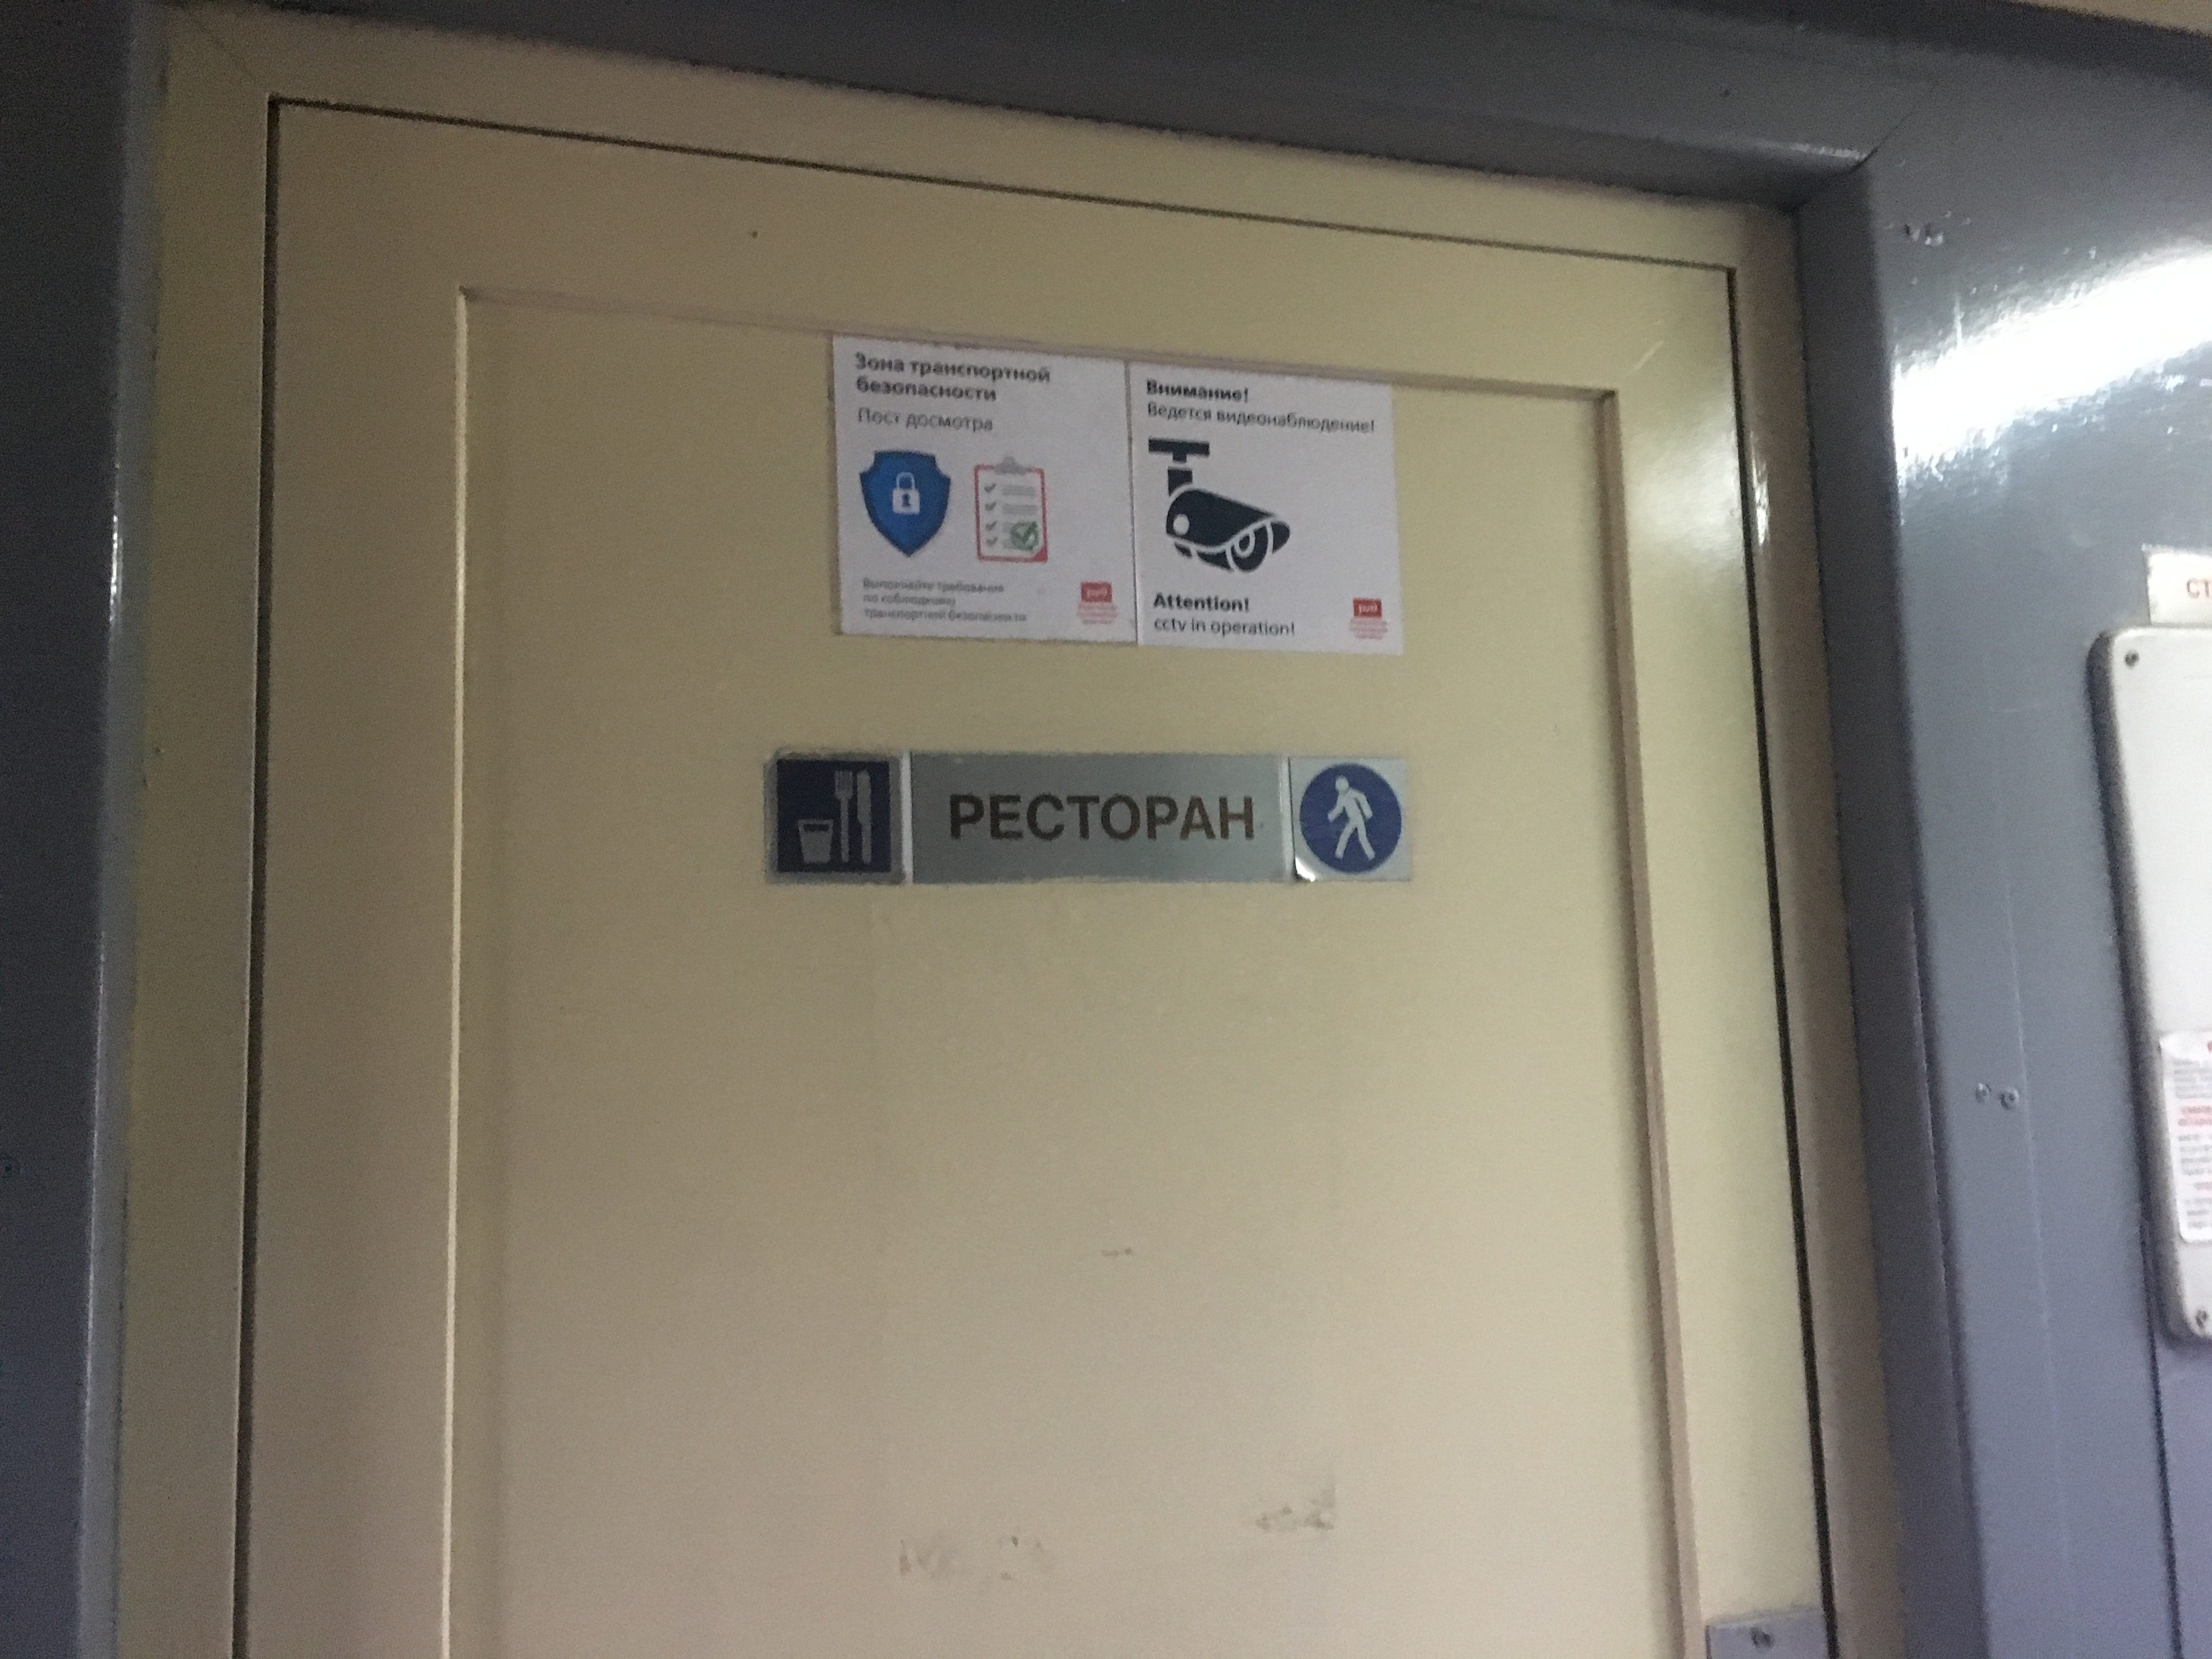 Russian restaurant car door